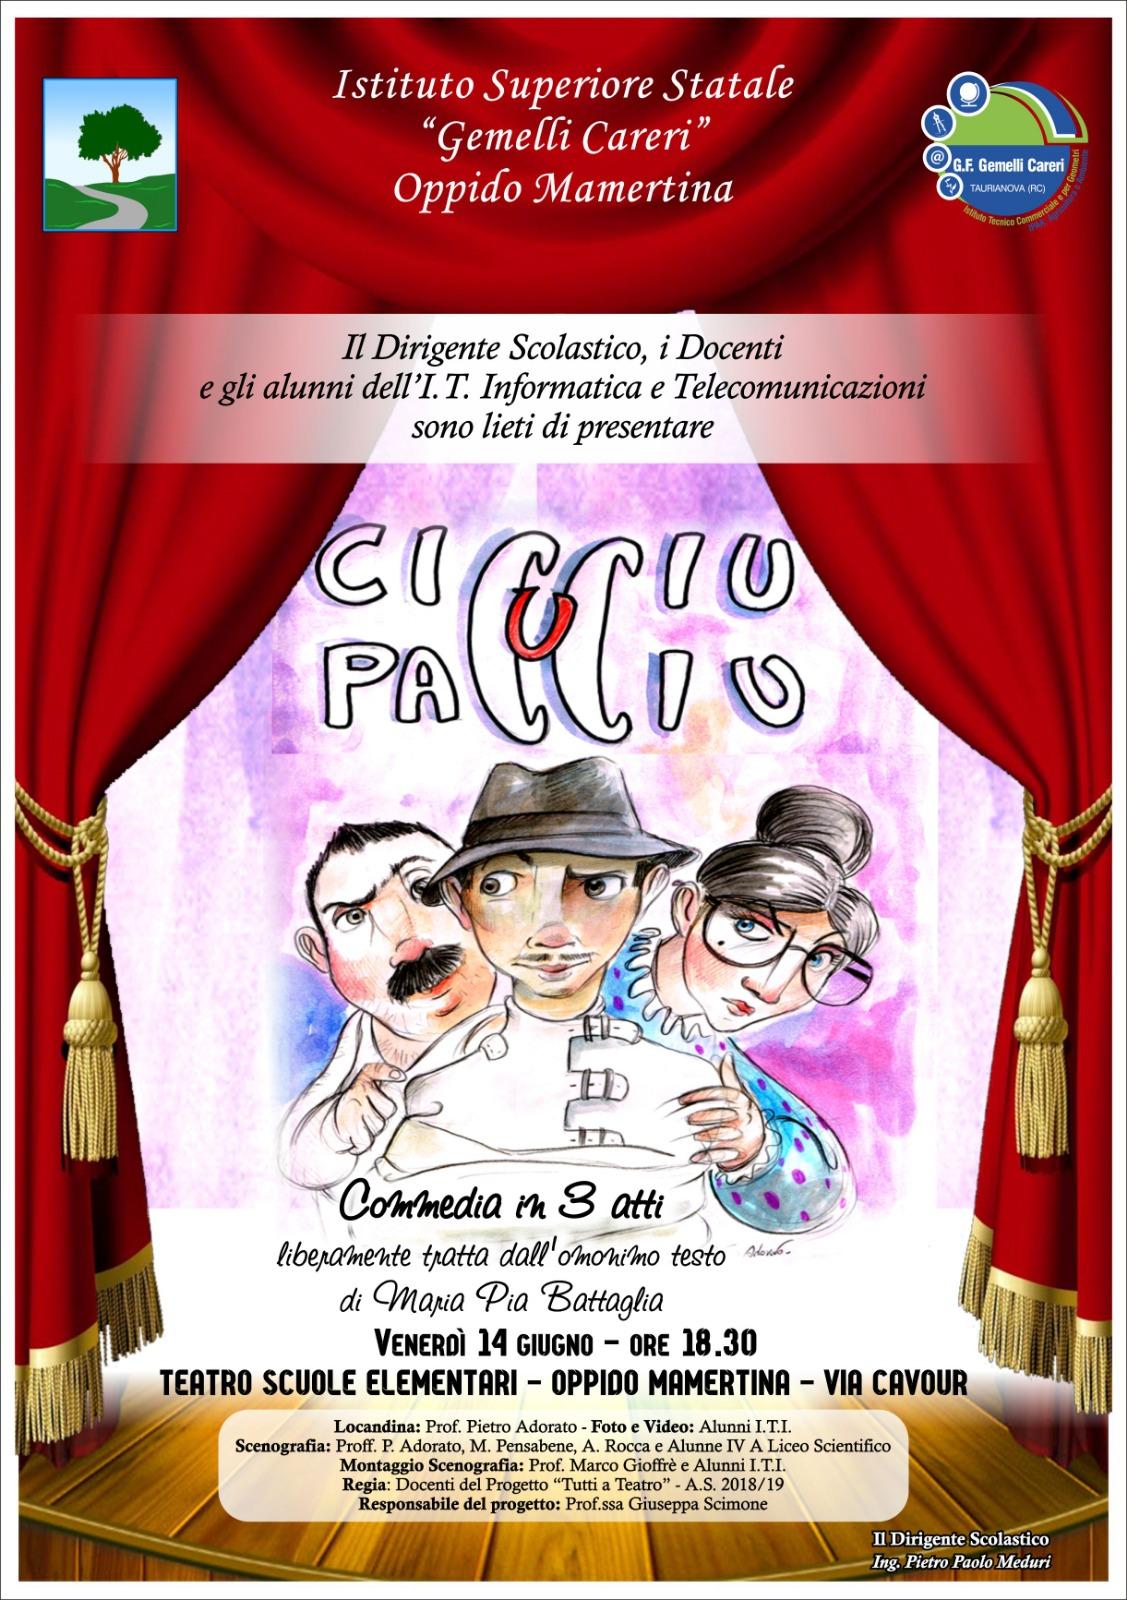 Commedia - CICCIU U PACCIU -